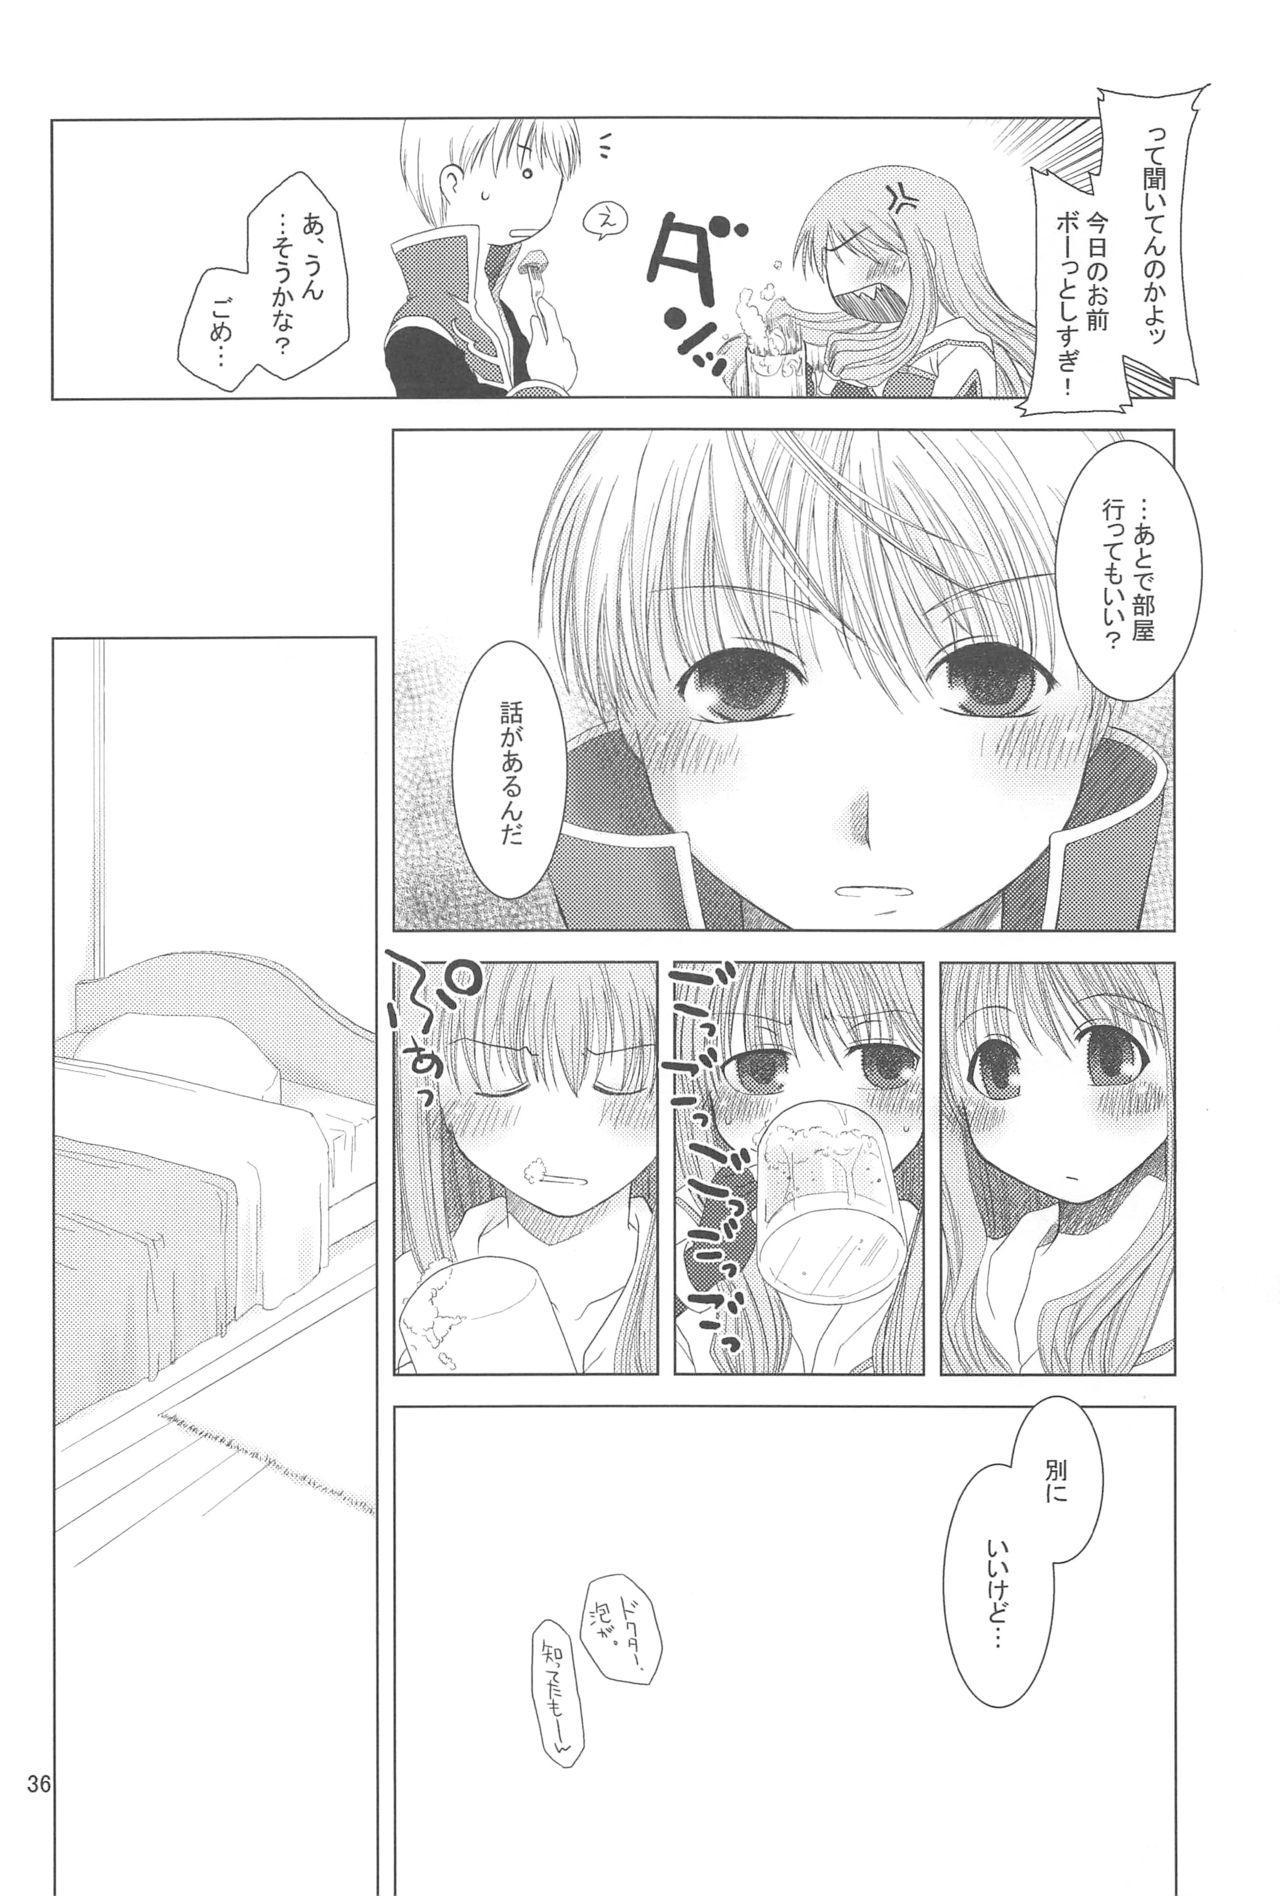 Quagmire no Chuushin de, Shuuchuuryoku Koujou to Sakebu 34